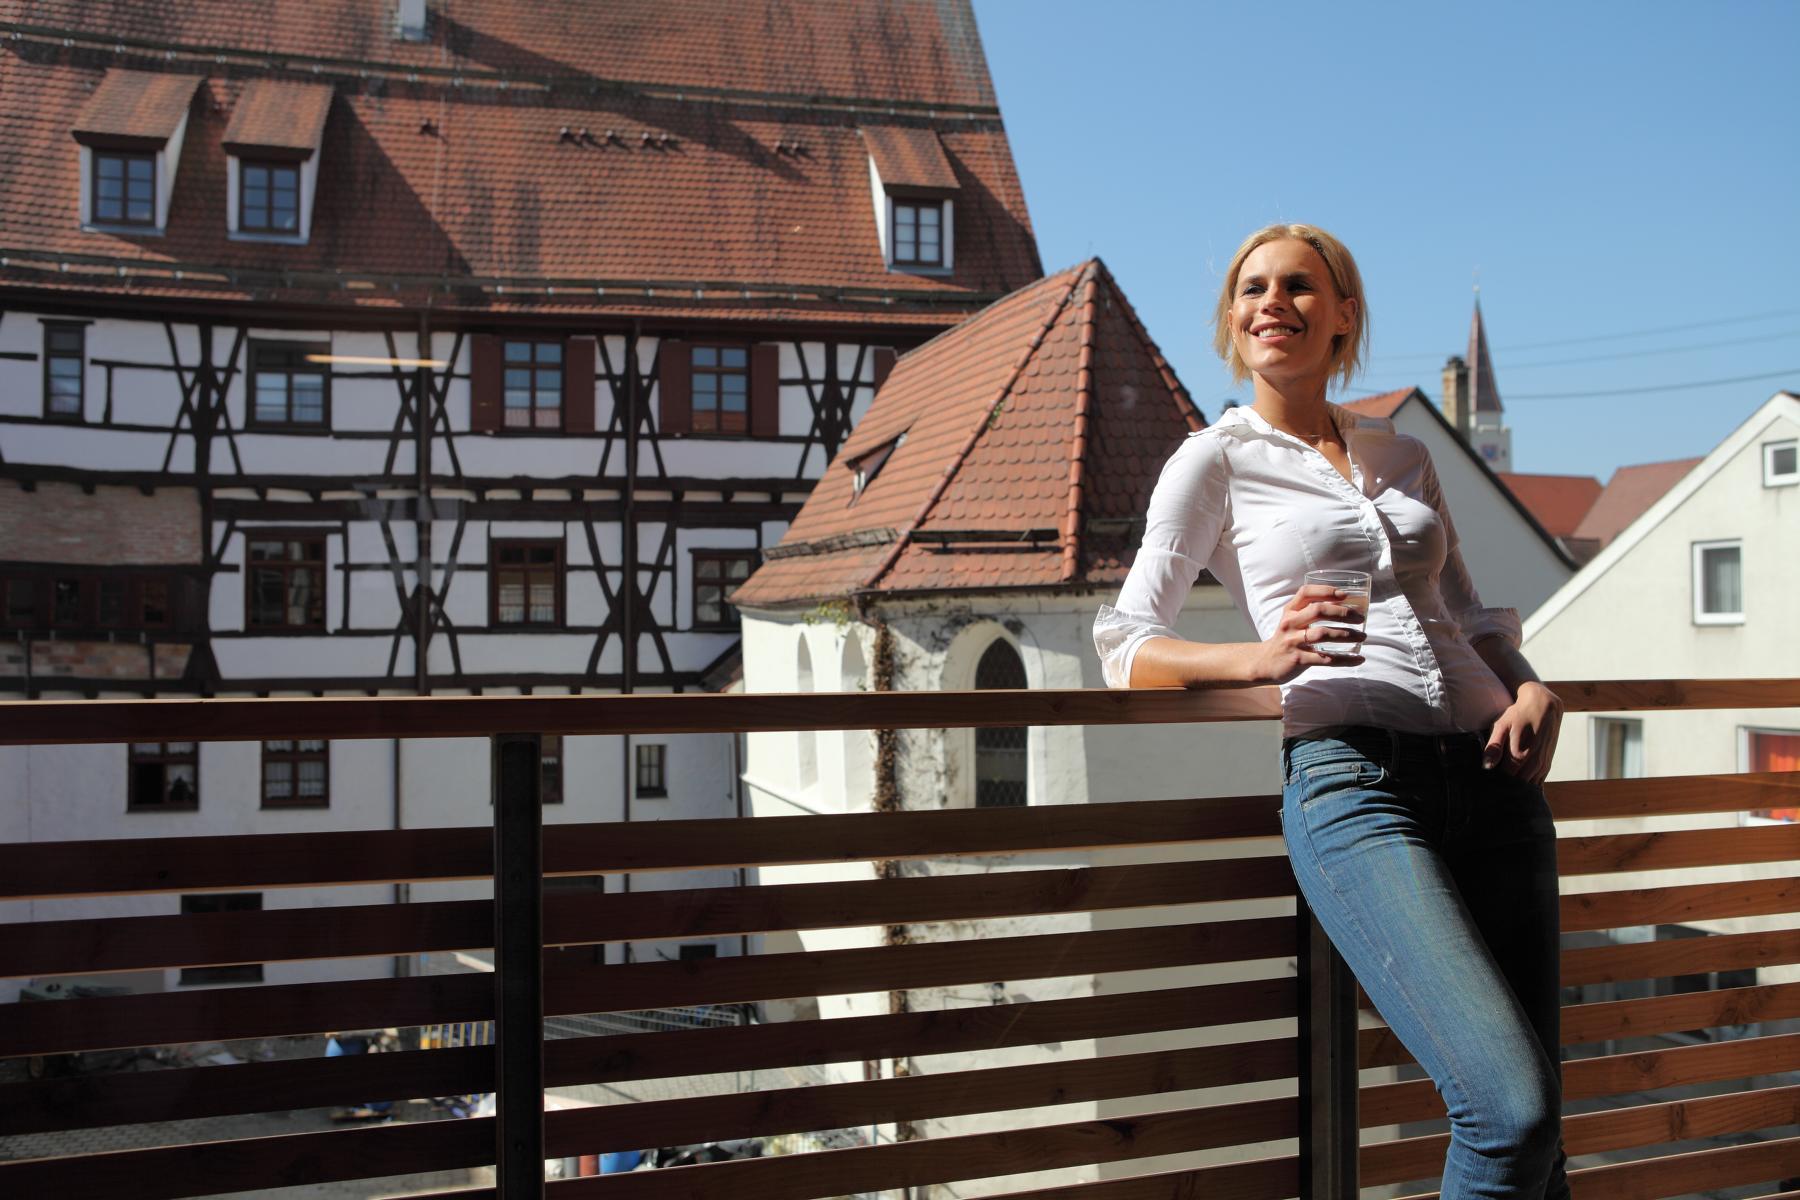 Bierkulturhotel-Balkon-1